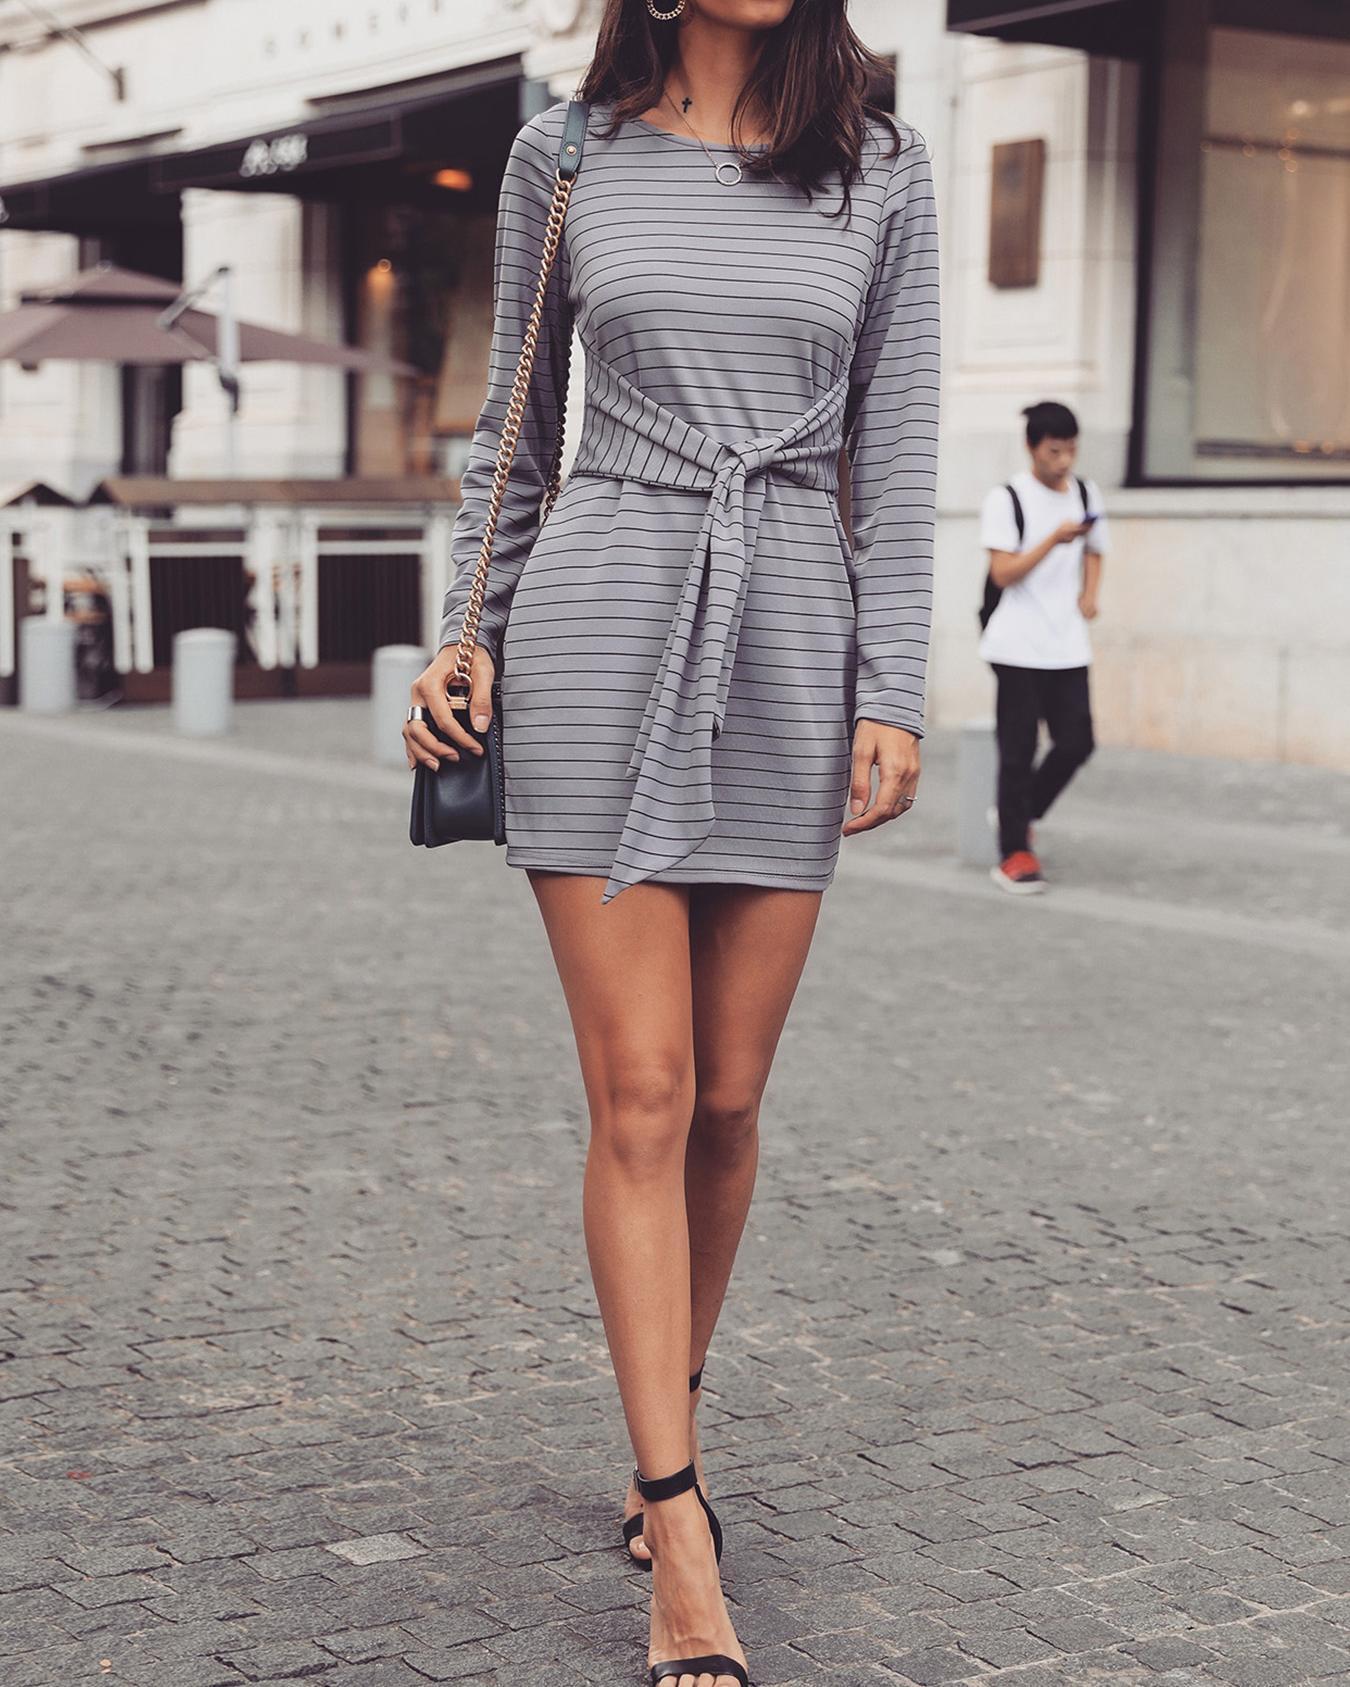 boutiquefeel / Vestido ajustado a rayas con cuello redondo de manga larga